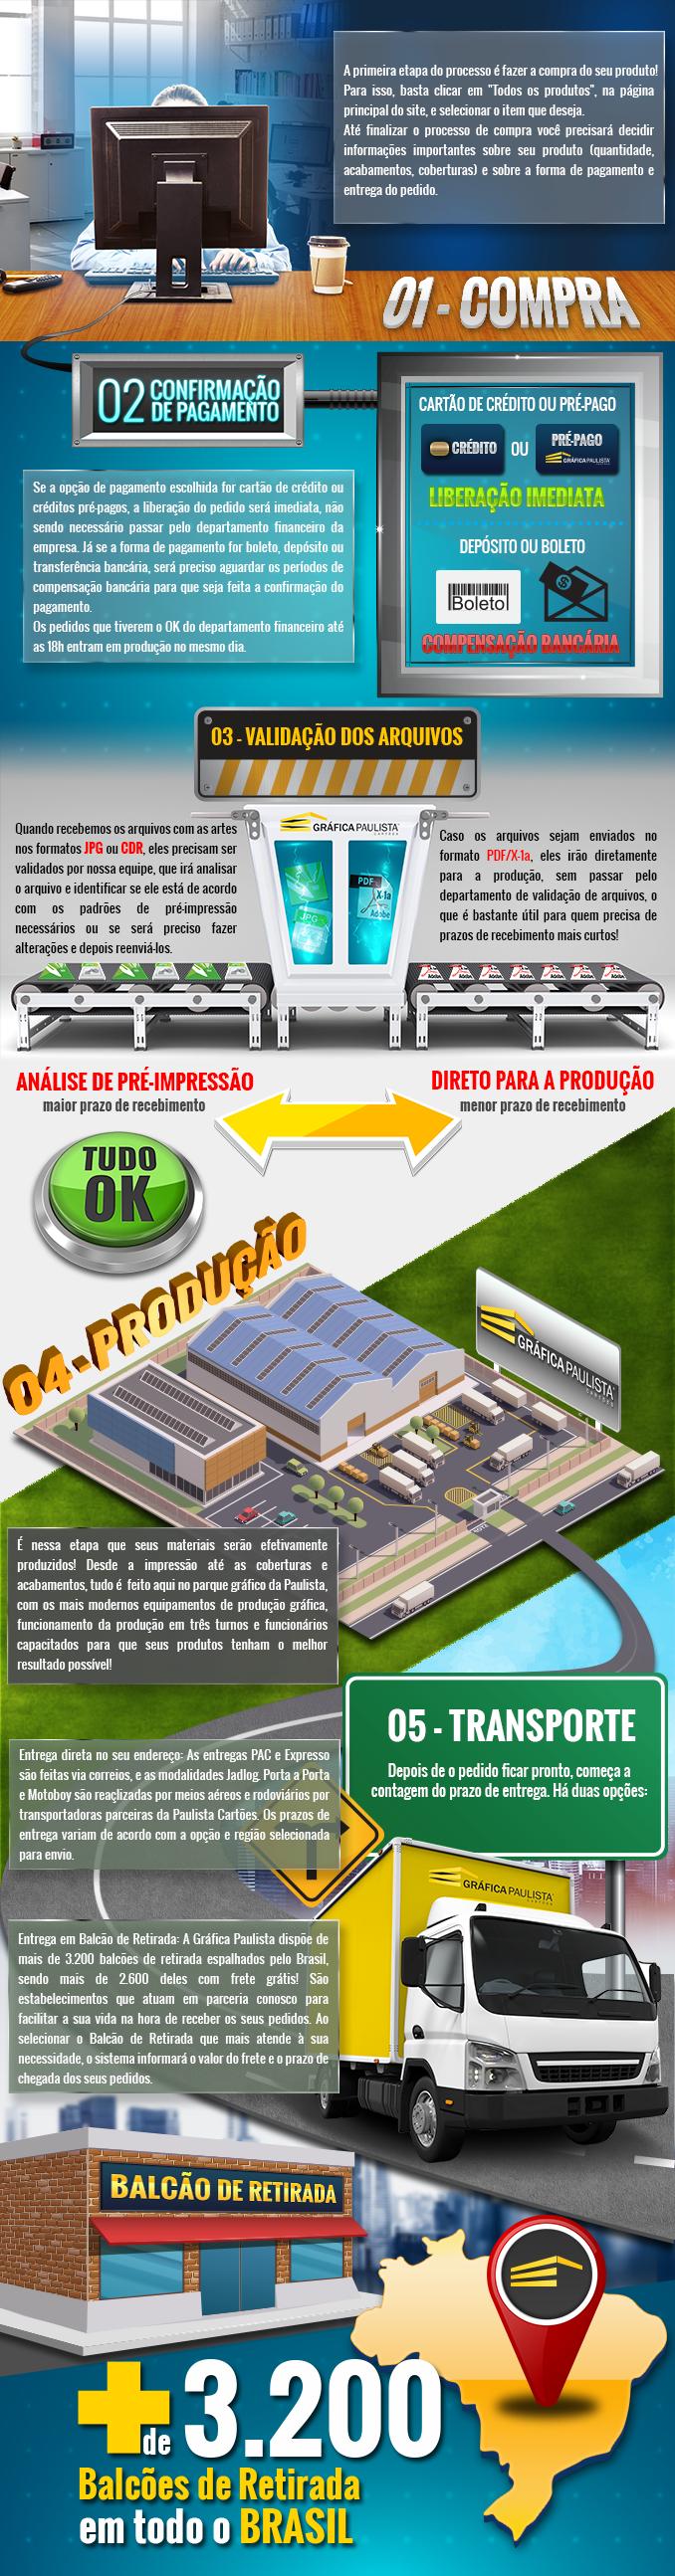 Trajetória do seu pedido na Gráfica Paulista 1-Compra, 2-Confirmação do pagamento, 3-Validação dos Arquivos, 4-Produção, 5-Entrega